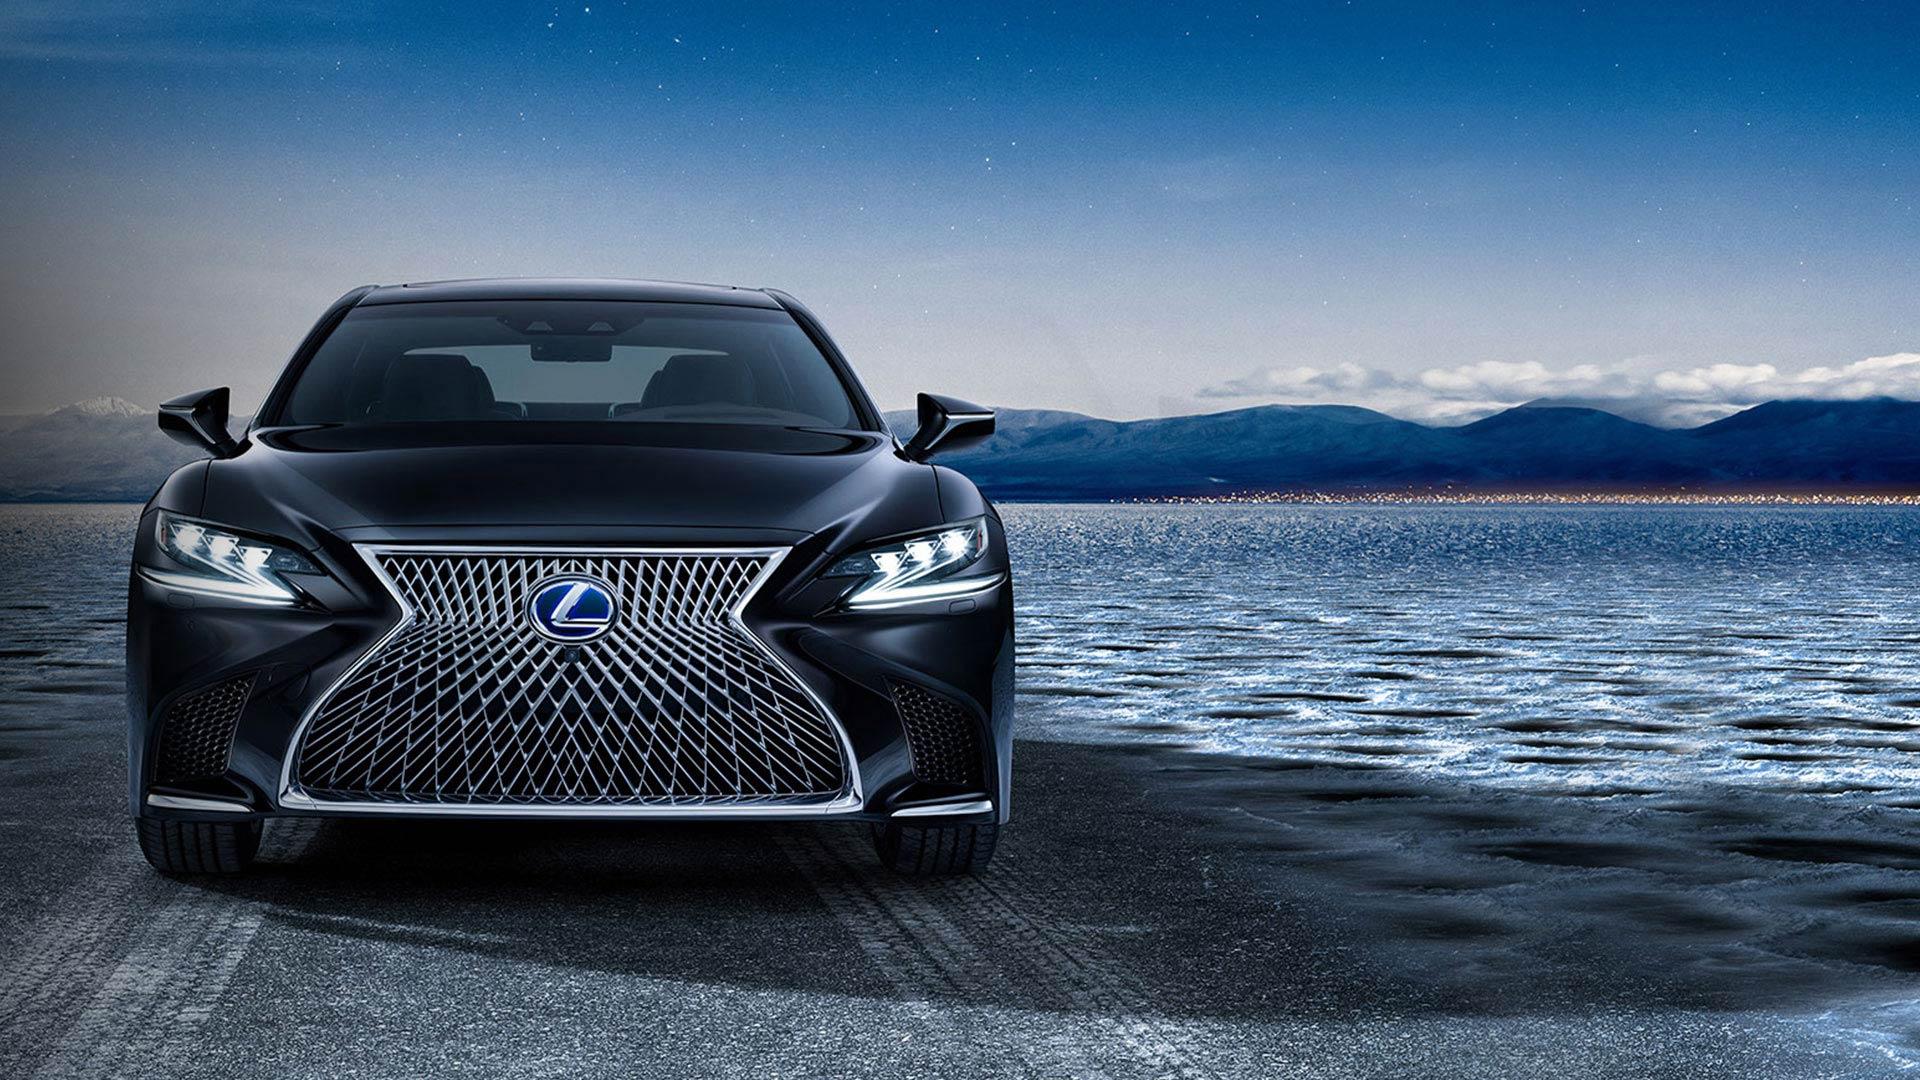 Lexus-LS-lüks-sedan-otomobil-önden-çekim-görüntü